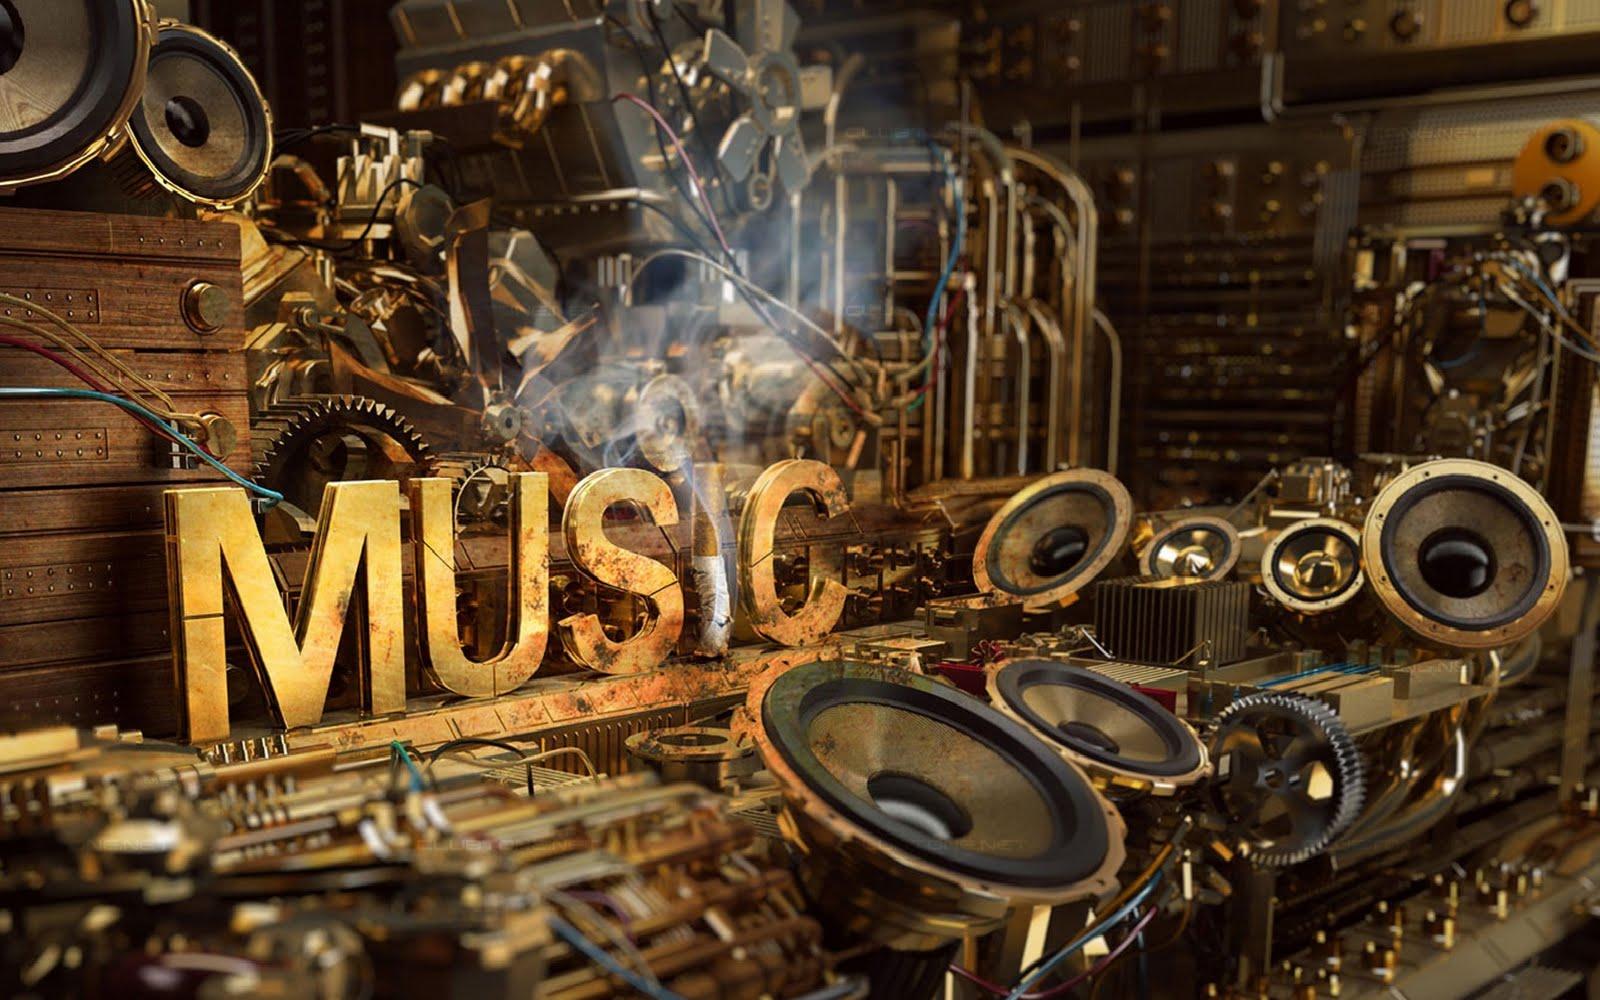 http://1.bp.blogspot.com/_Ym3du2sG3R4/TOIvXLlYyuI/AAAAAAAAC8s/upNU7xeC-V8/s1600/Music-wallpaper.jpg